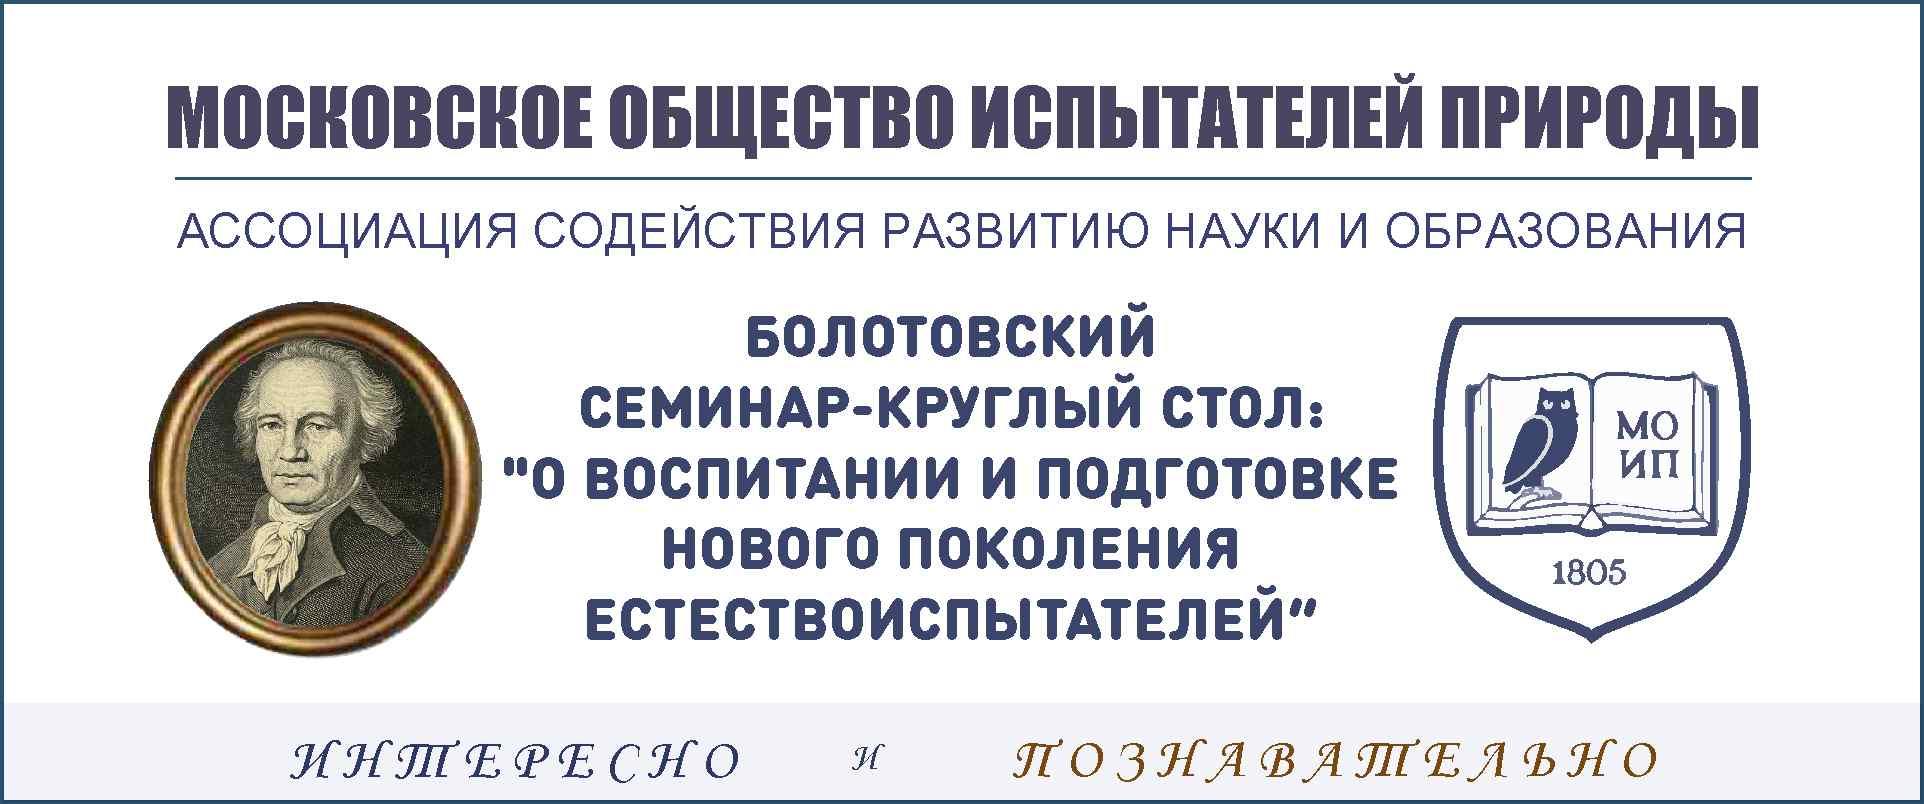 БОЛОТОВСКИЙ СЕМИНАР-КРУГЛЫЙ СТОЛ: